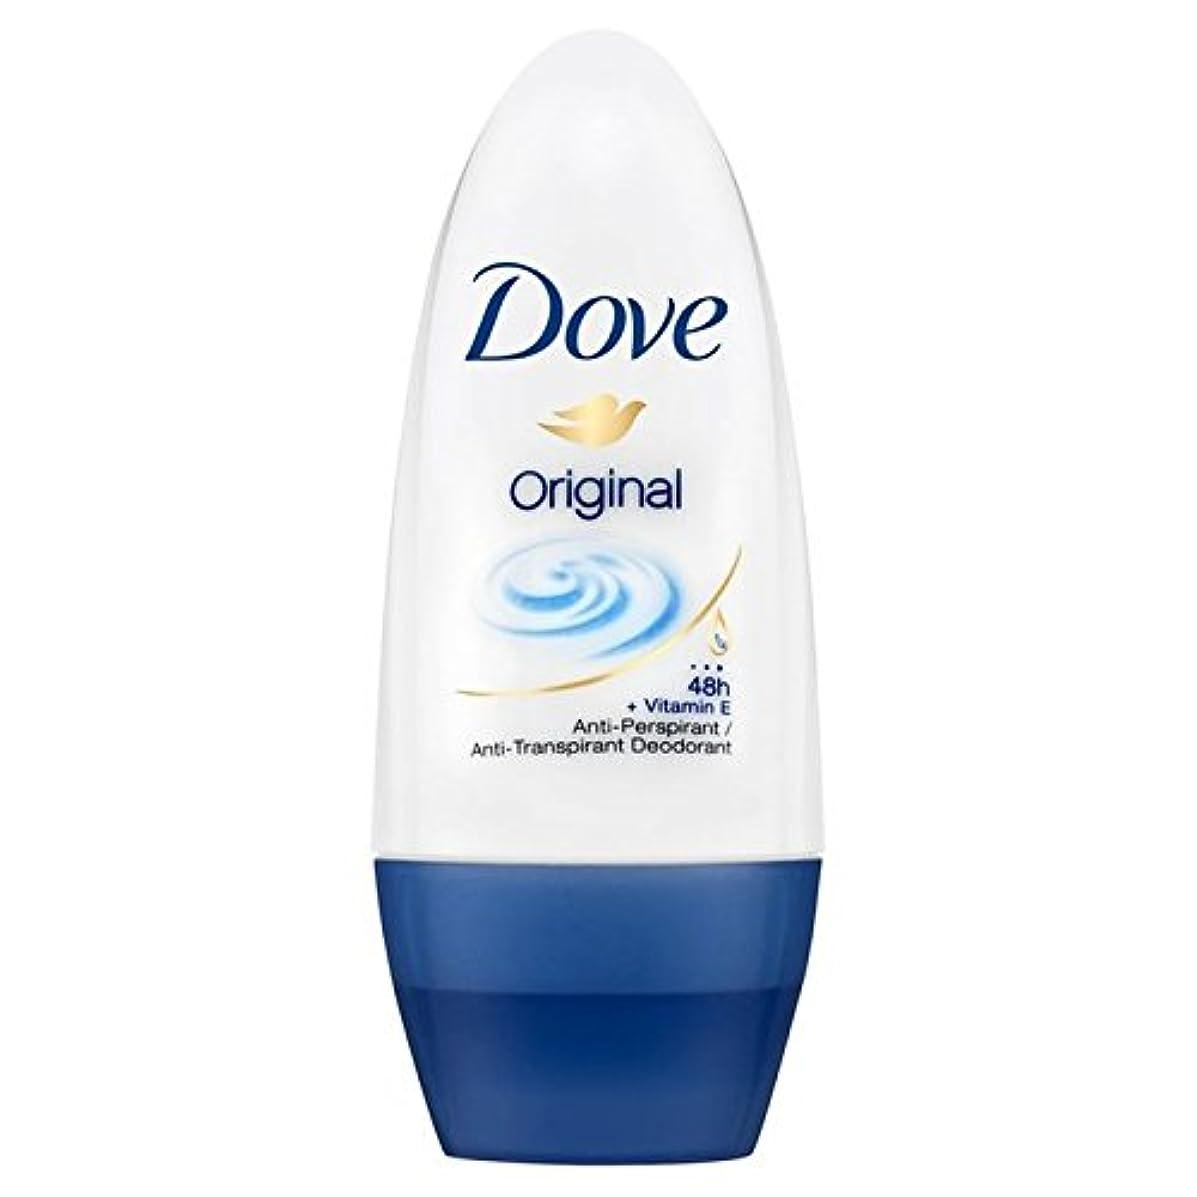 花嫁あまりにも代数的Dove Original Roll-On Anti-Perspirant Deodorant 50ml - 鳩のオリジナルロールオン制汗デオドラント50ミリリットル [並行輸入品]